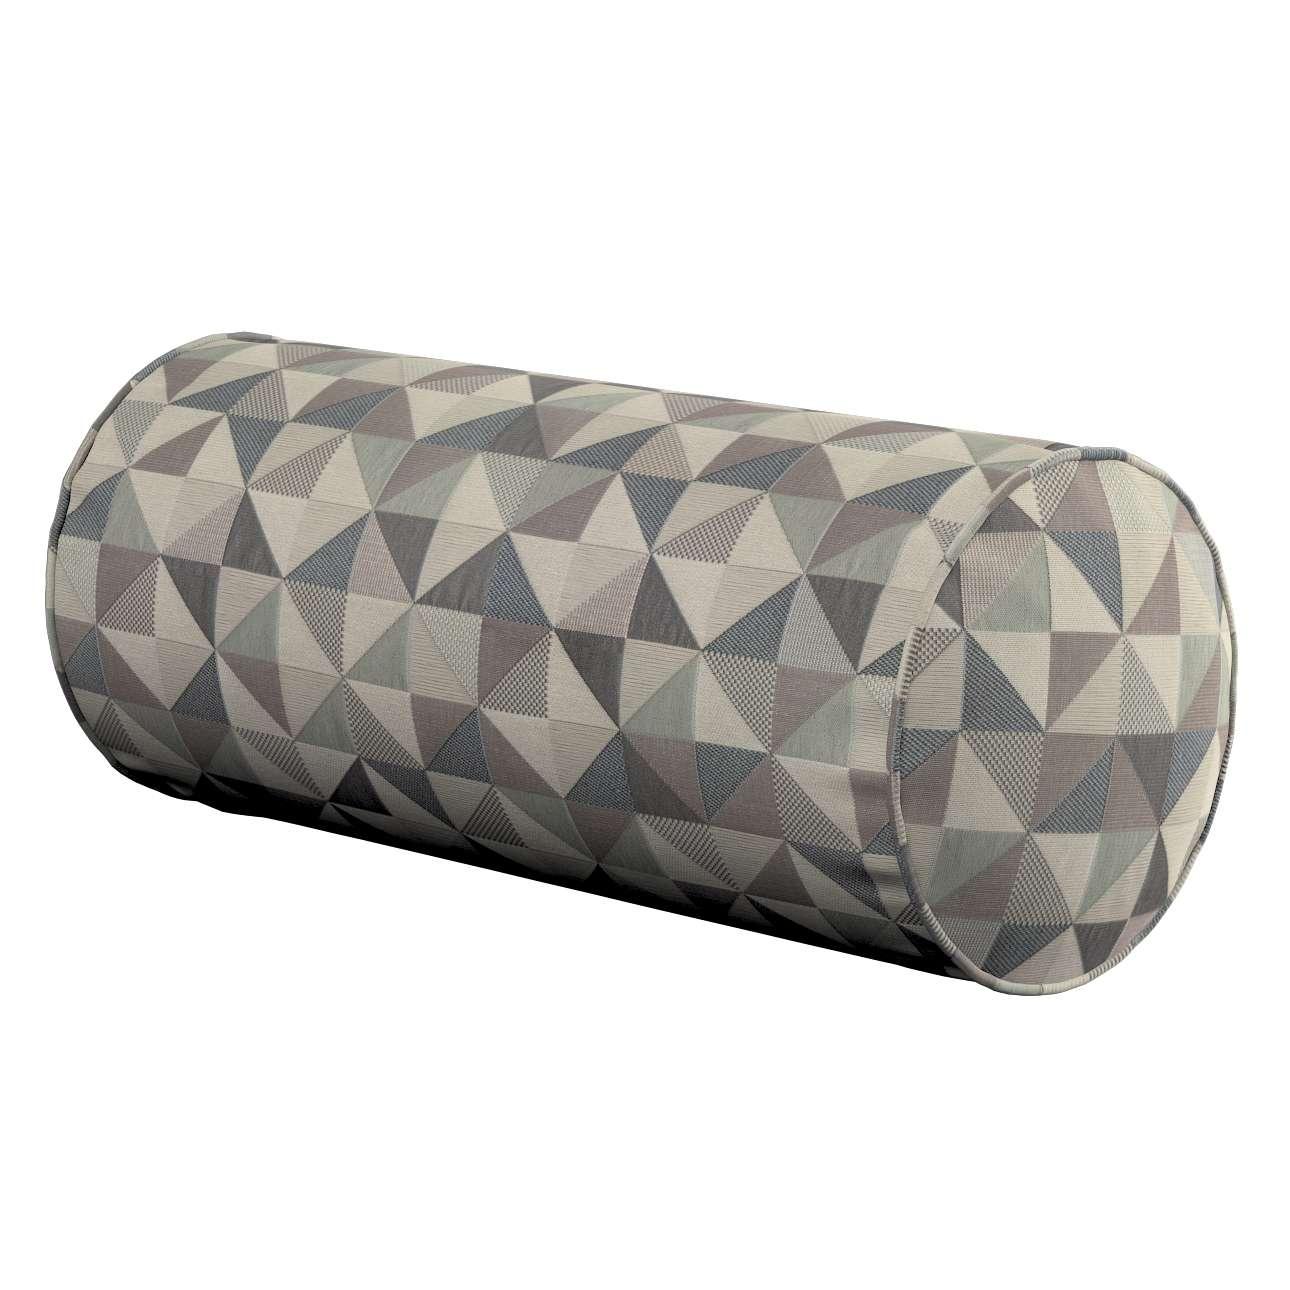 Einfache Nackenrolle, grau, Ø 16 × 40 cm, Retro Glam   Schlafzimmer > Kopfkissen   Dekoria